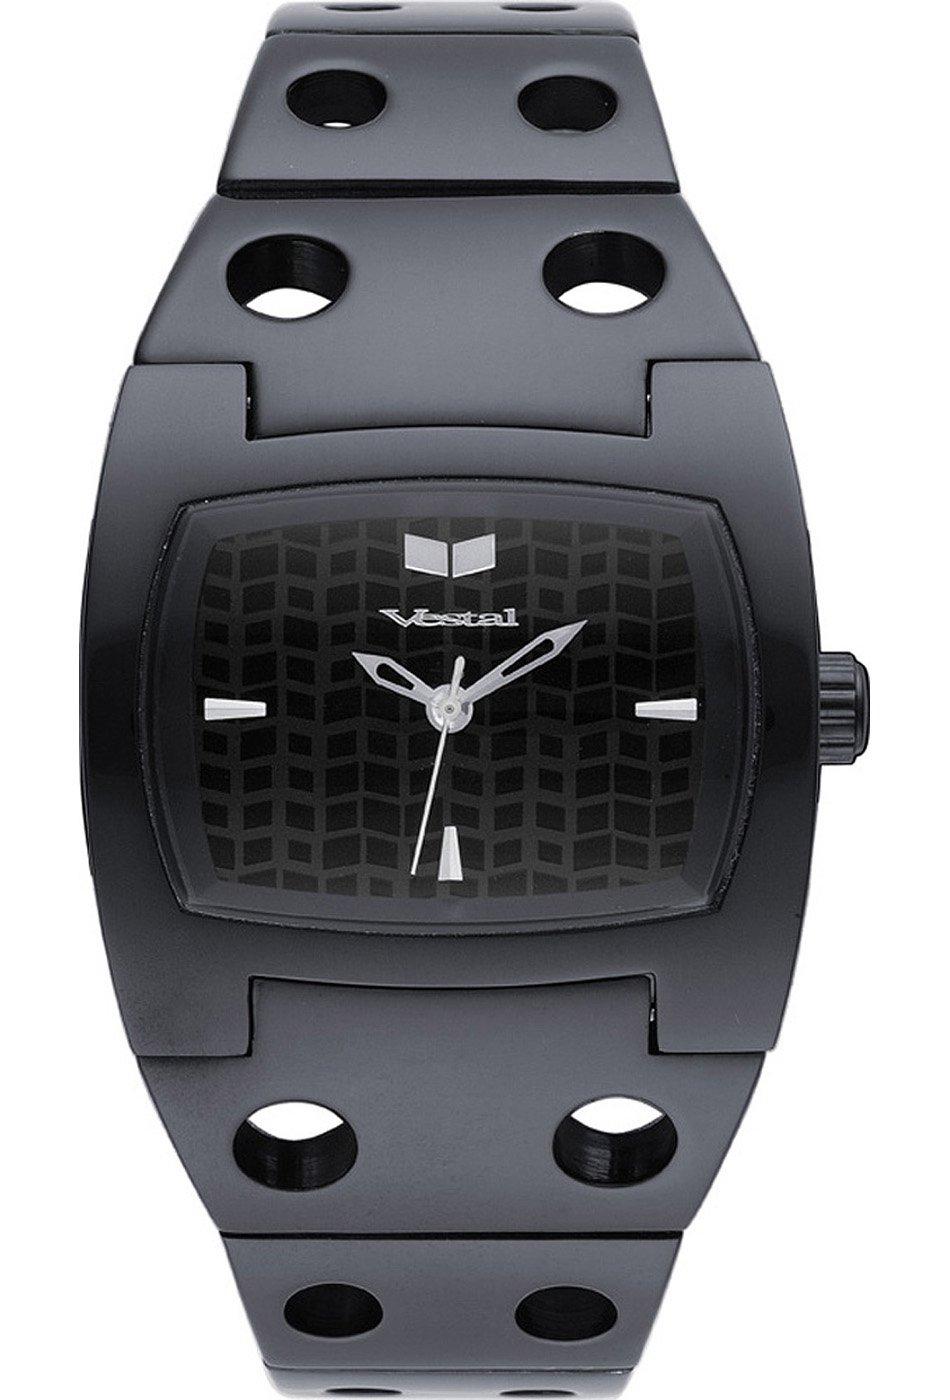 Vestal Midsize MDS015S Mini Destroyer Watch by VESTAL